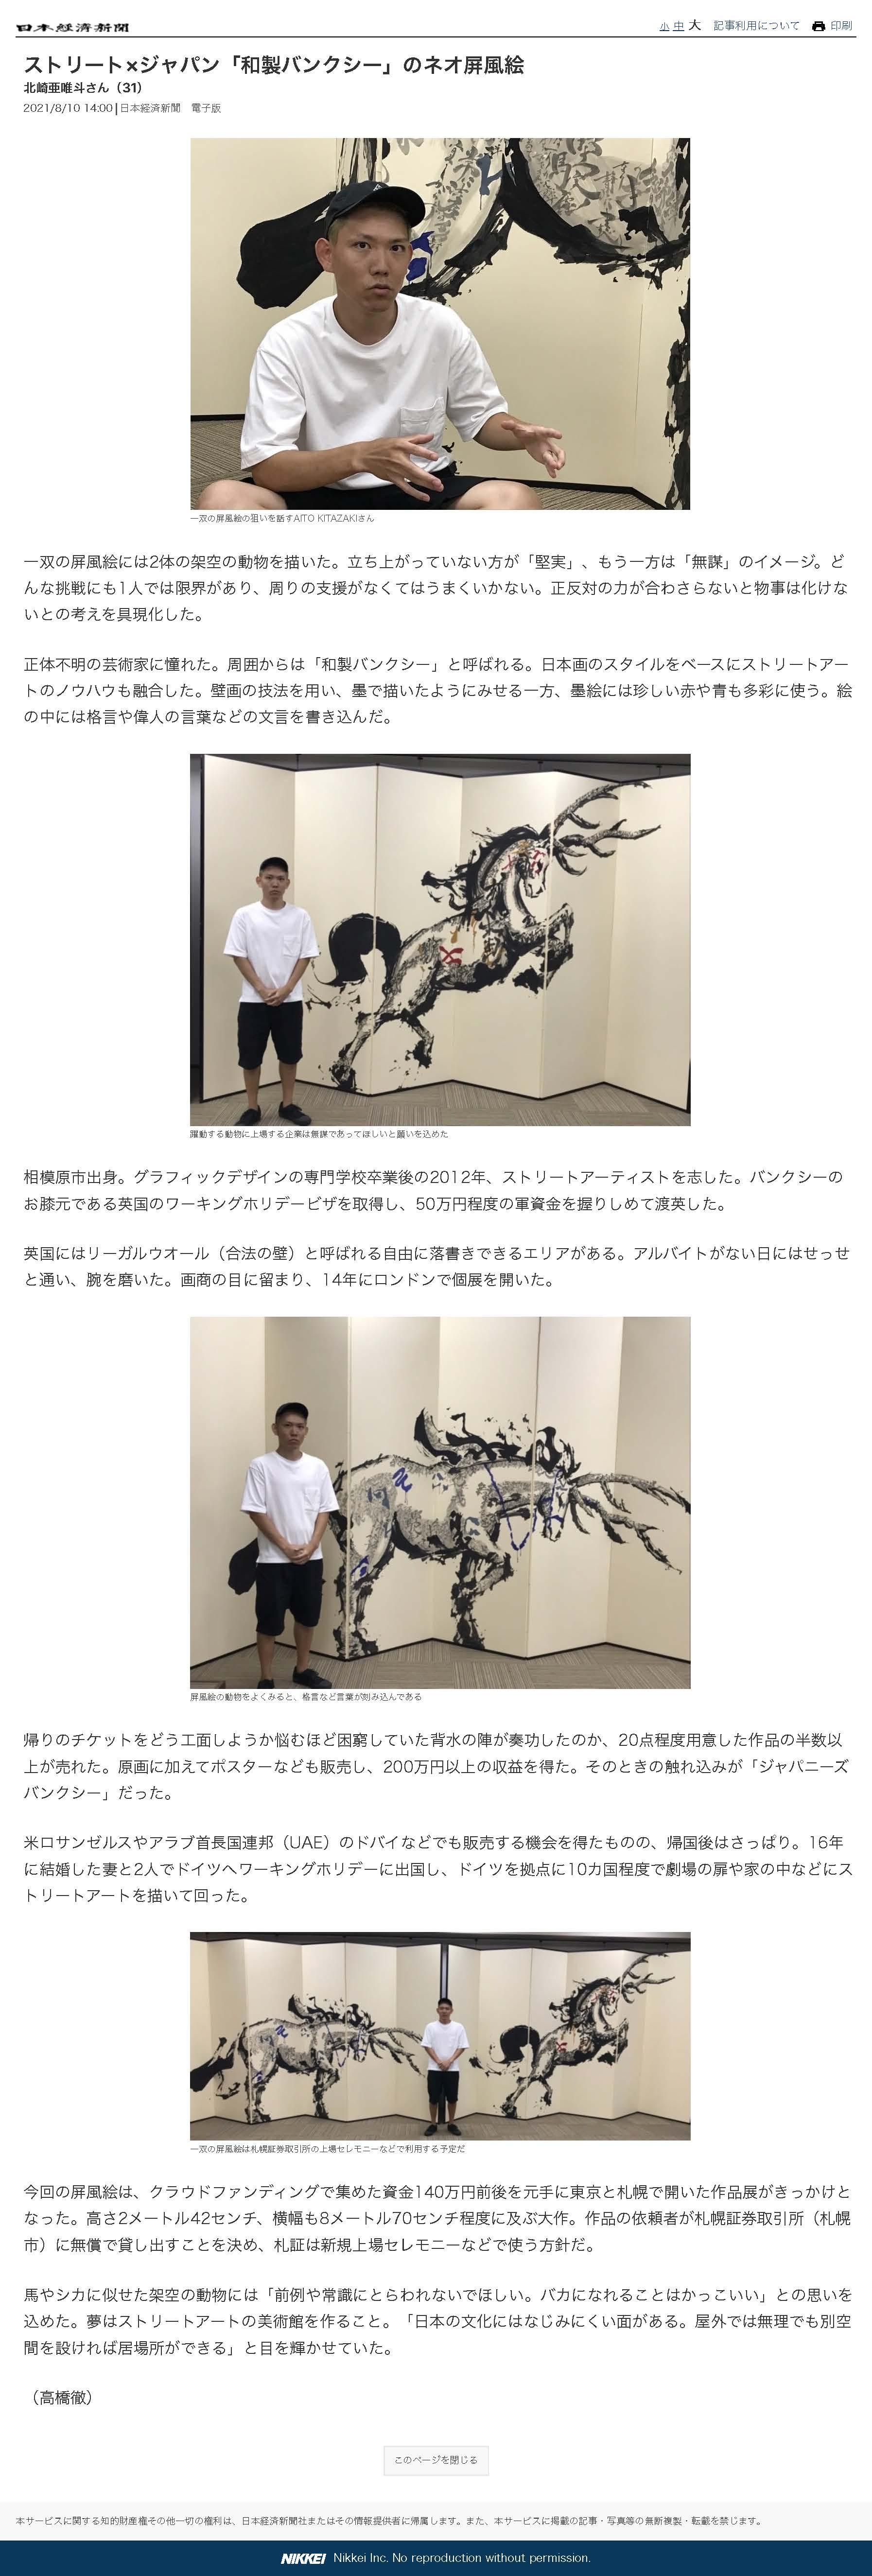 日本経済新聞特集記事 ストリート×ジャパン「和製バンクシー」のネオ屏風絵